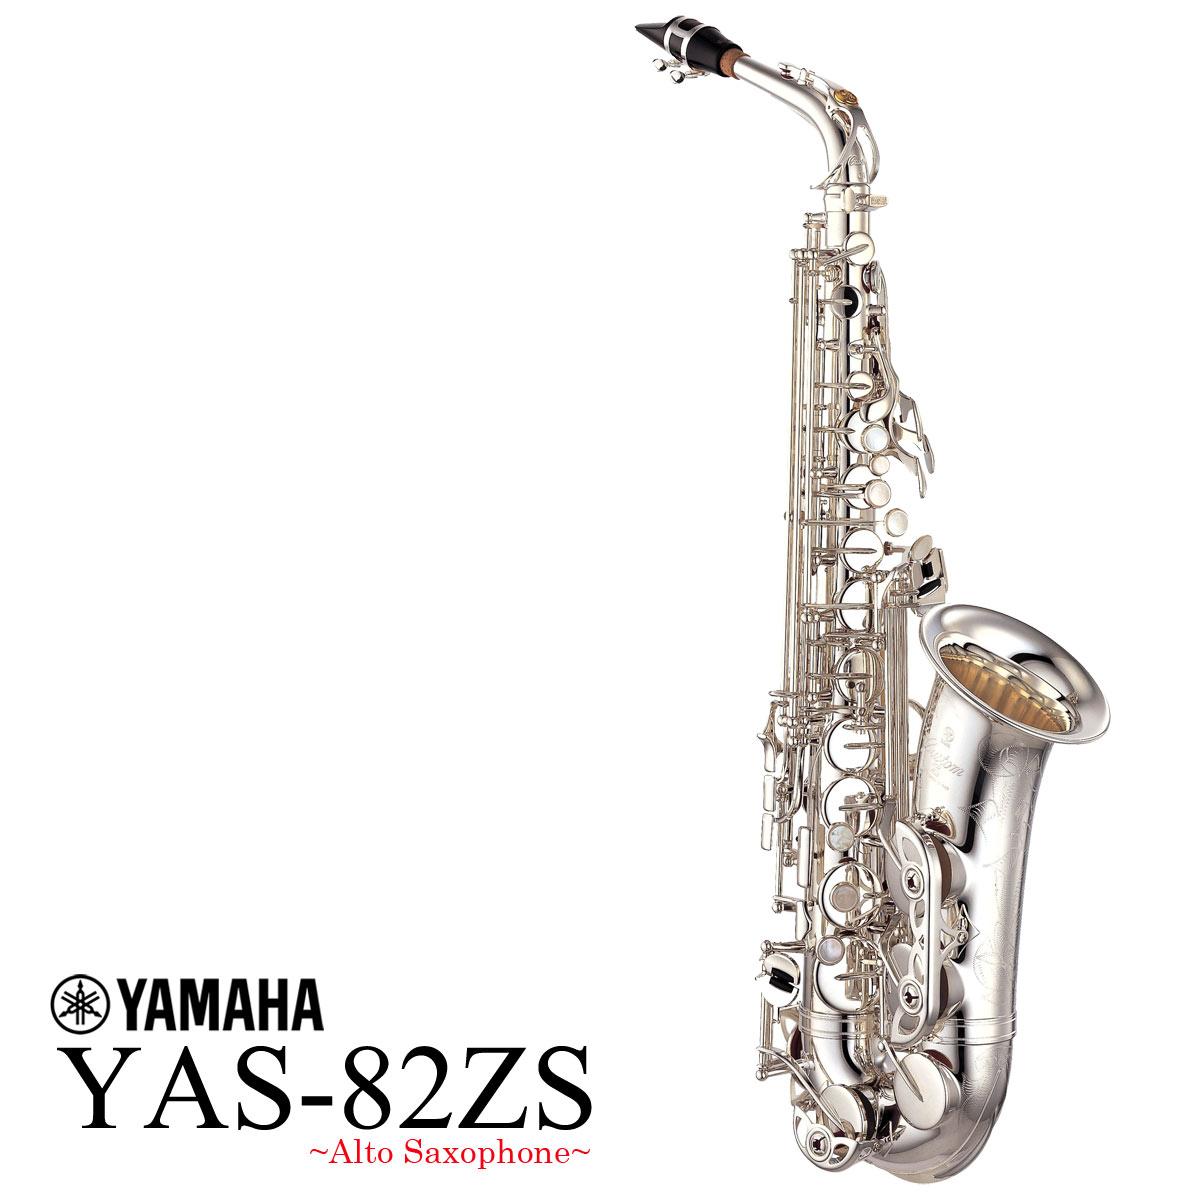 【在庫あり】YAMAHA / YAS-82ZS カスタム アルトサックス 銀メッキ シルバー 《出荷前検品付き》【5年保証】